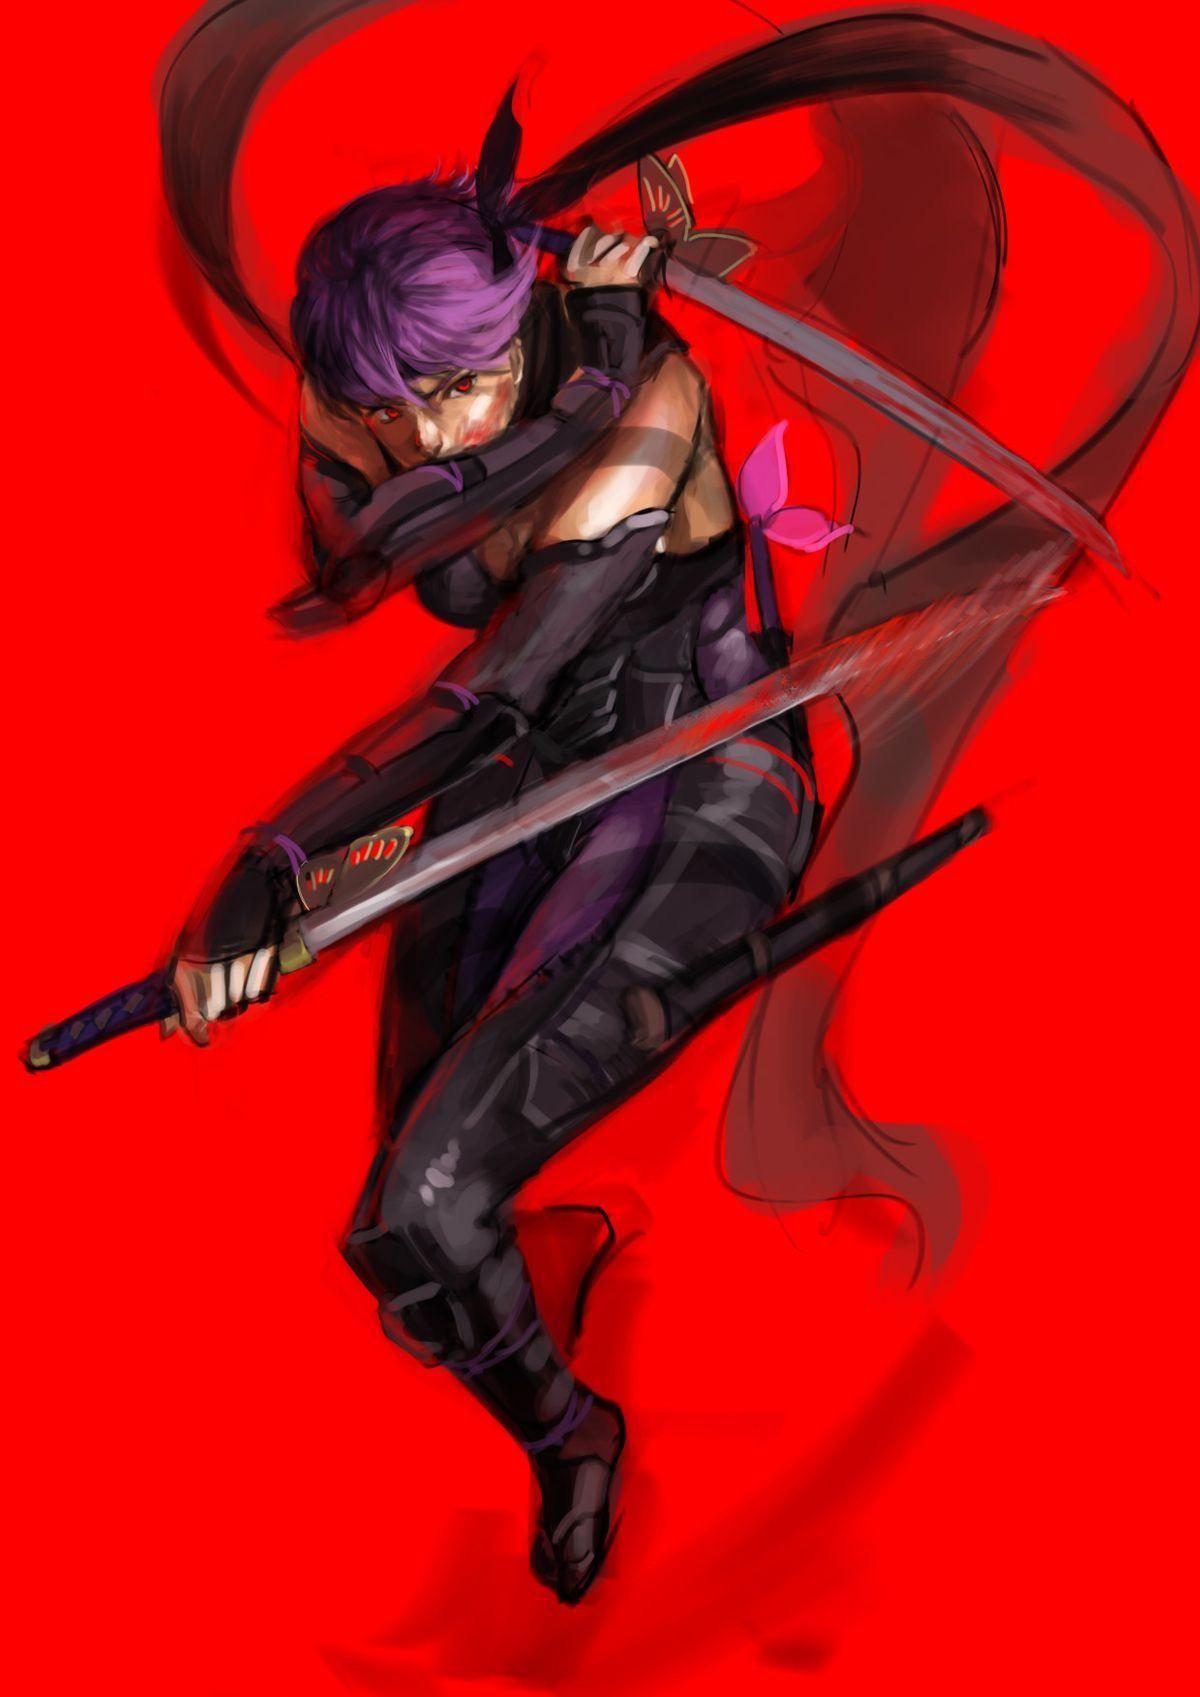 Pin By Grn 0083 On Samurai Warriors Ninjas Ninja Gaiden Ninja Girl Female Ninja